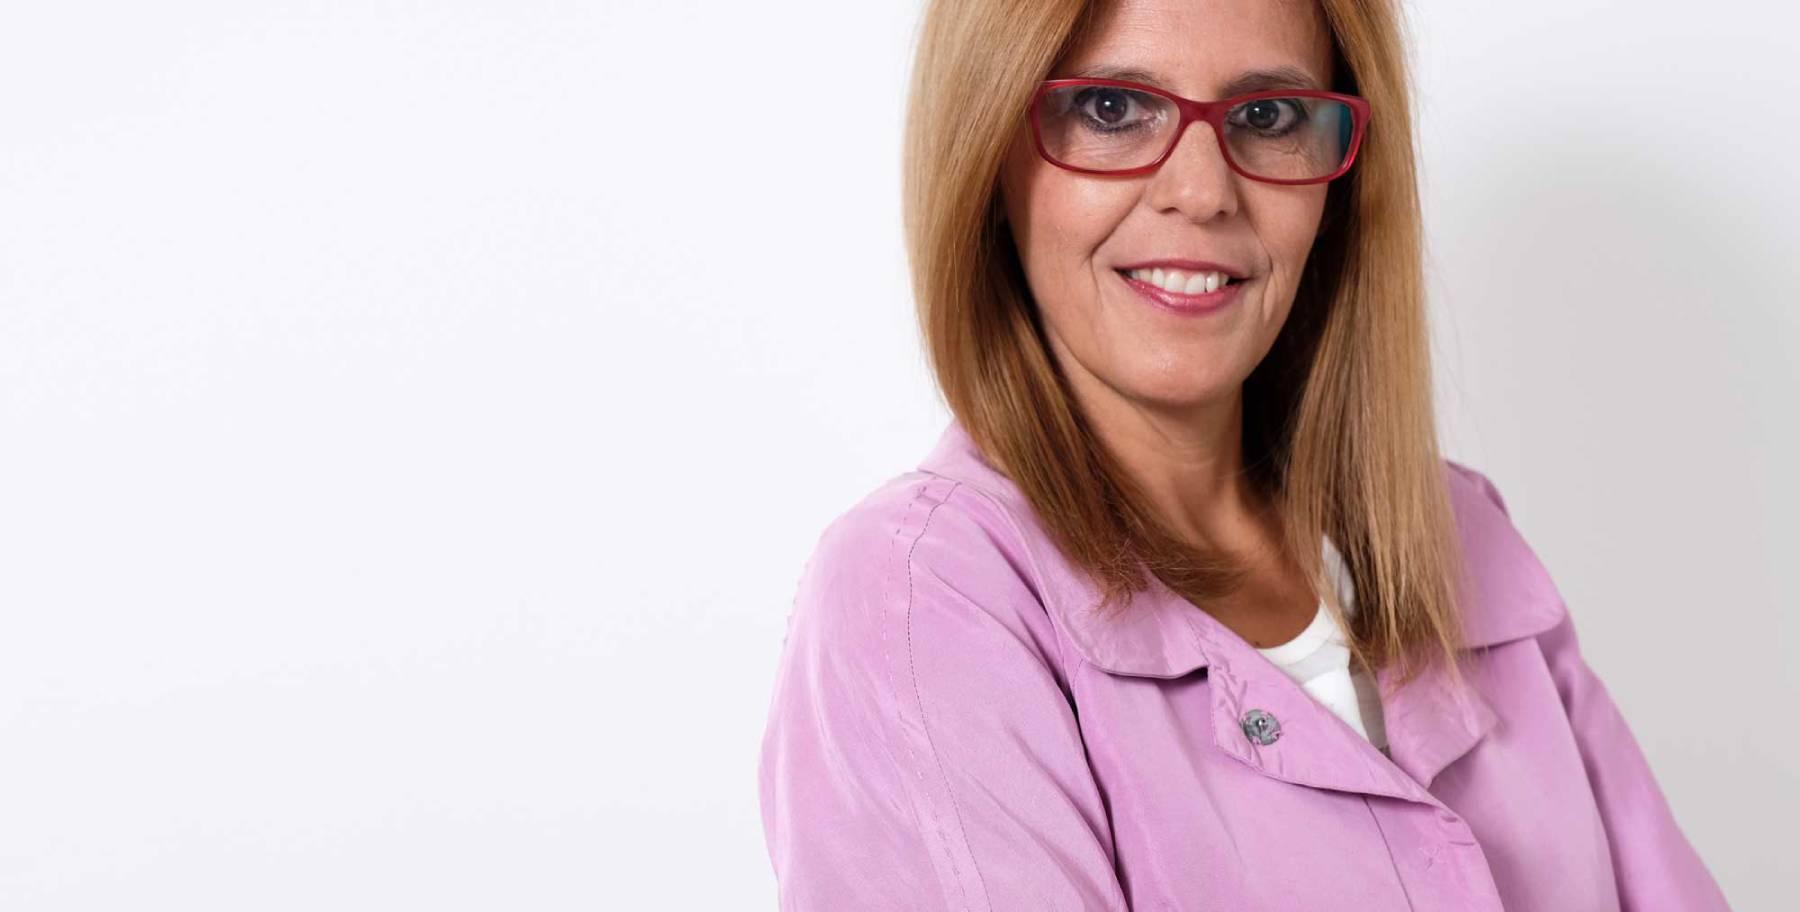 Eu sou a Teresa Rosalino e a minha missão e paixão focam-se no desenvolvimento do potencial humano.